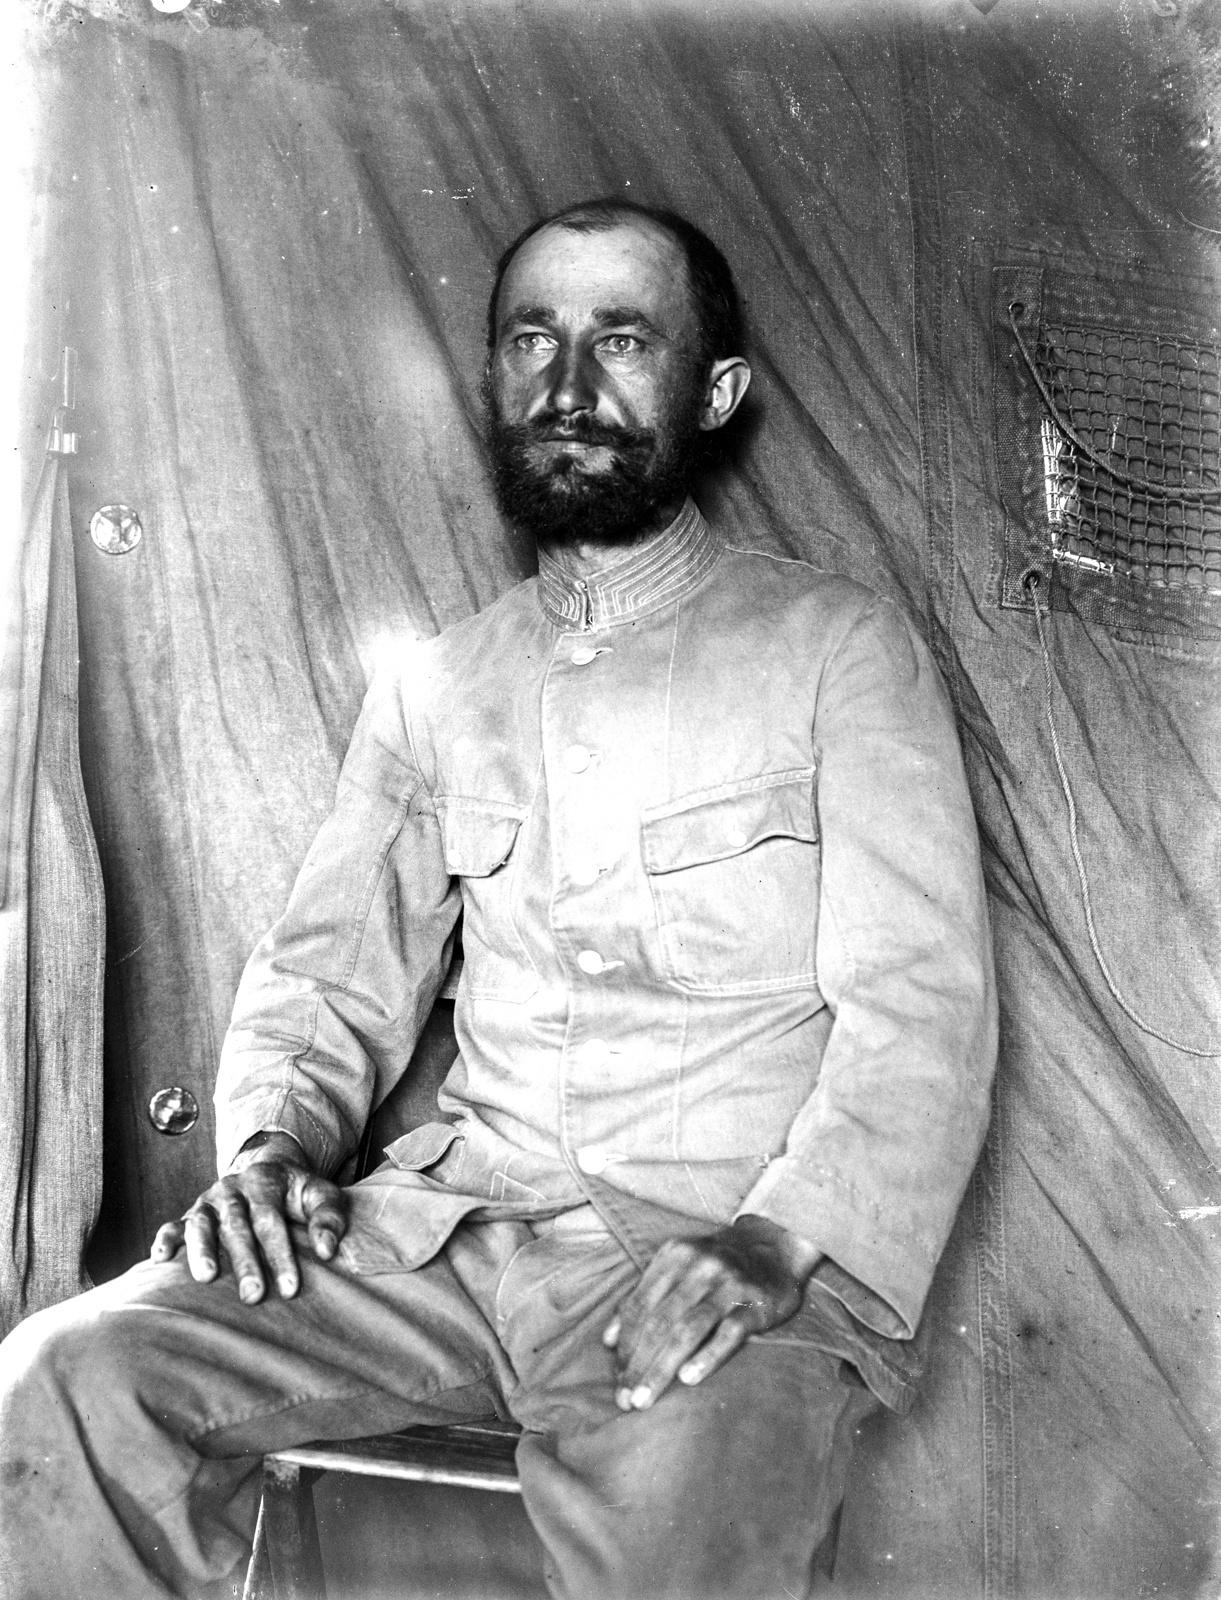 123. Портрет руководителя экспедиции Фрица Техмера